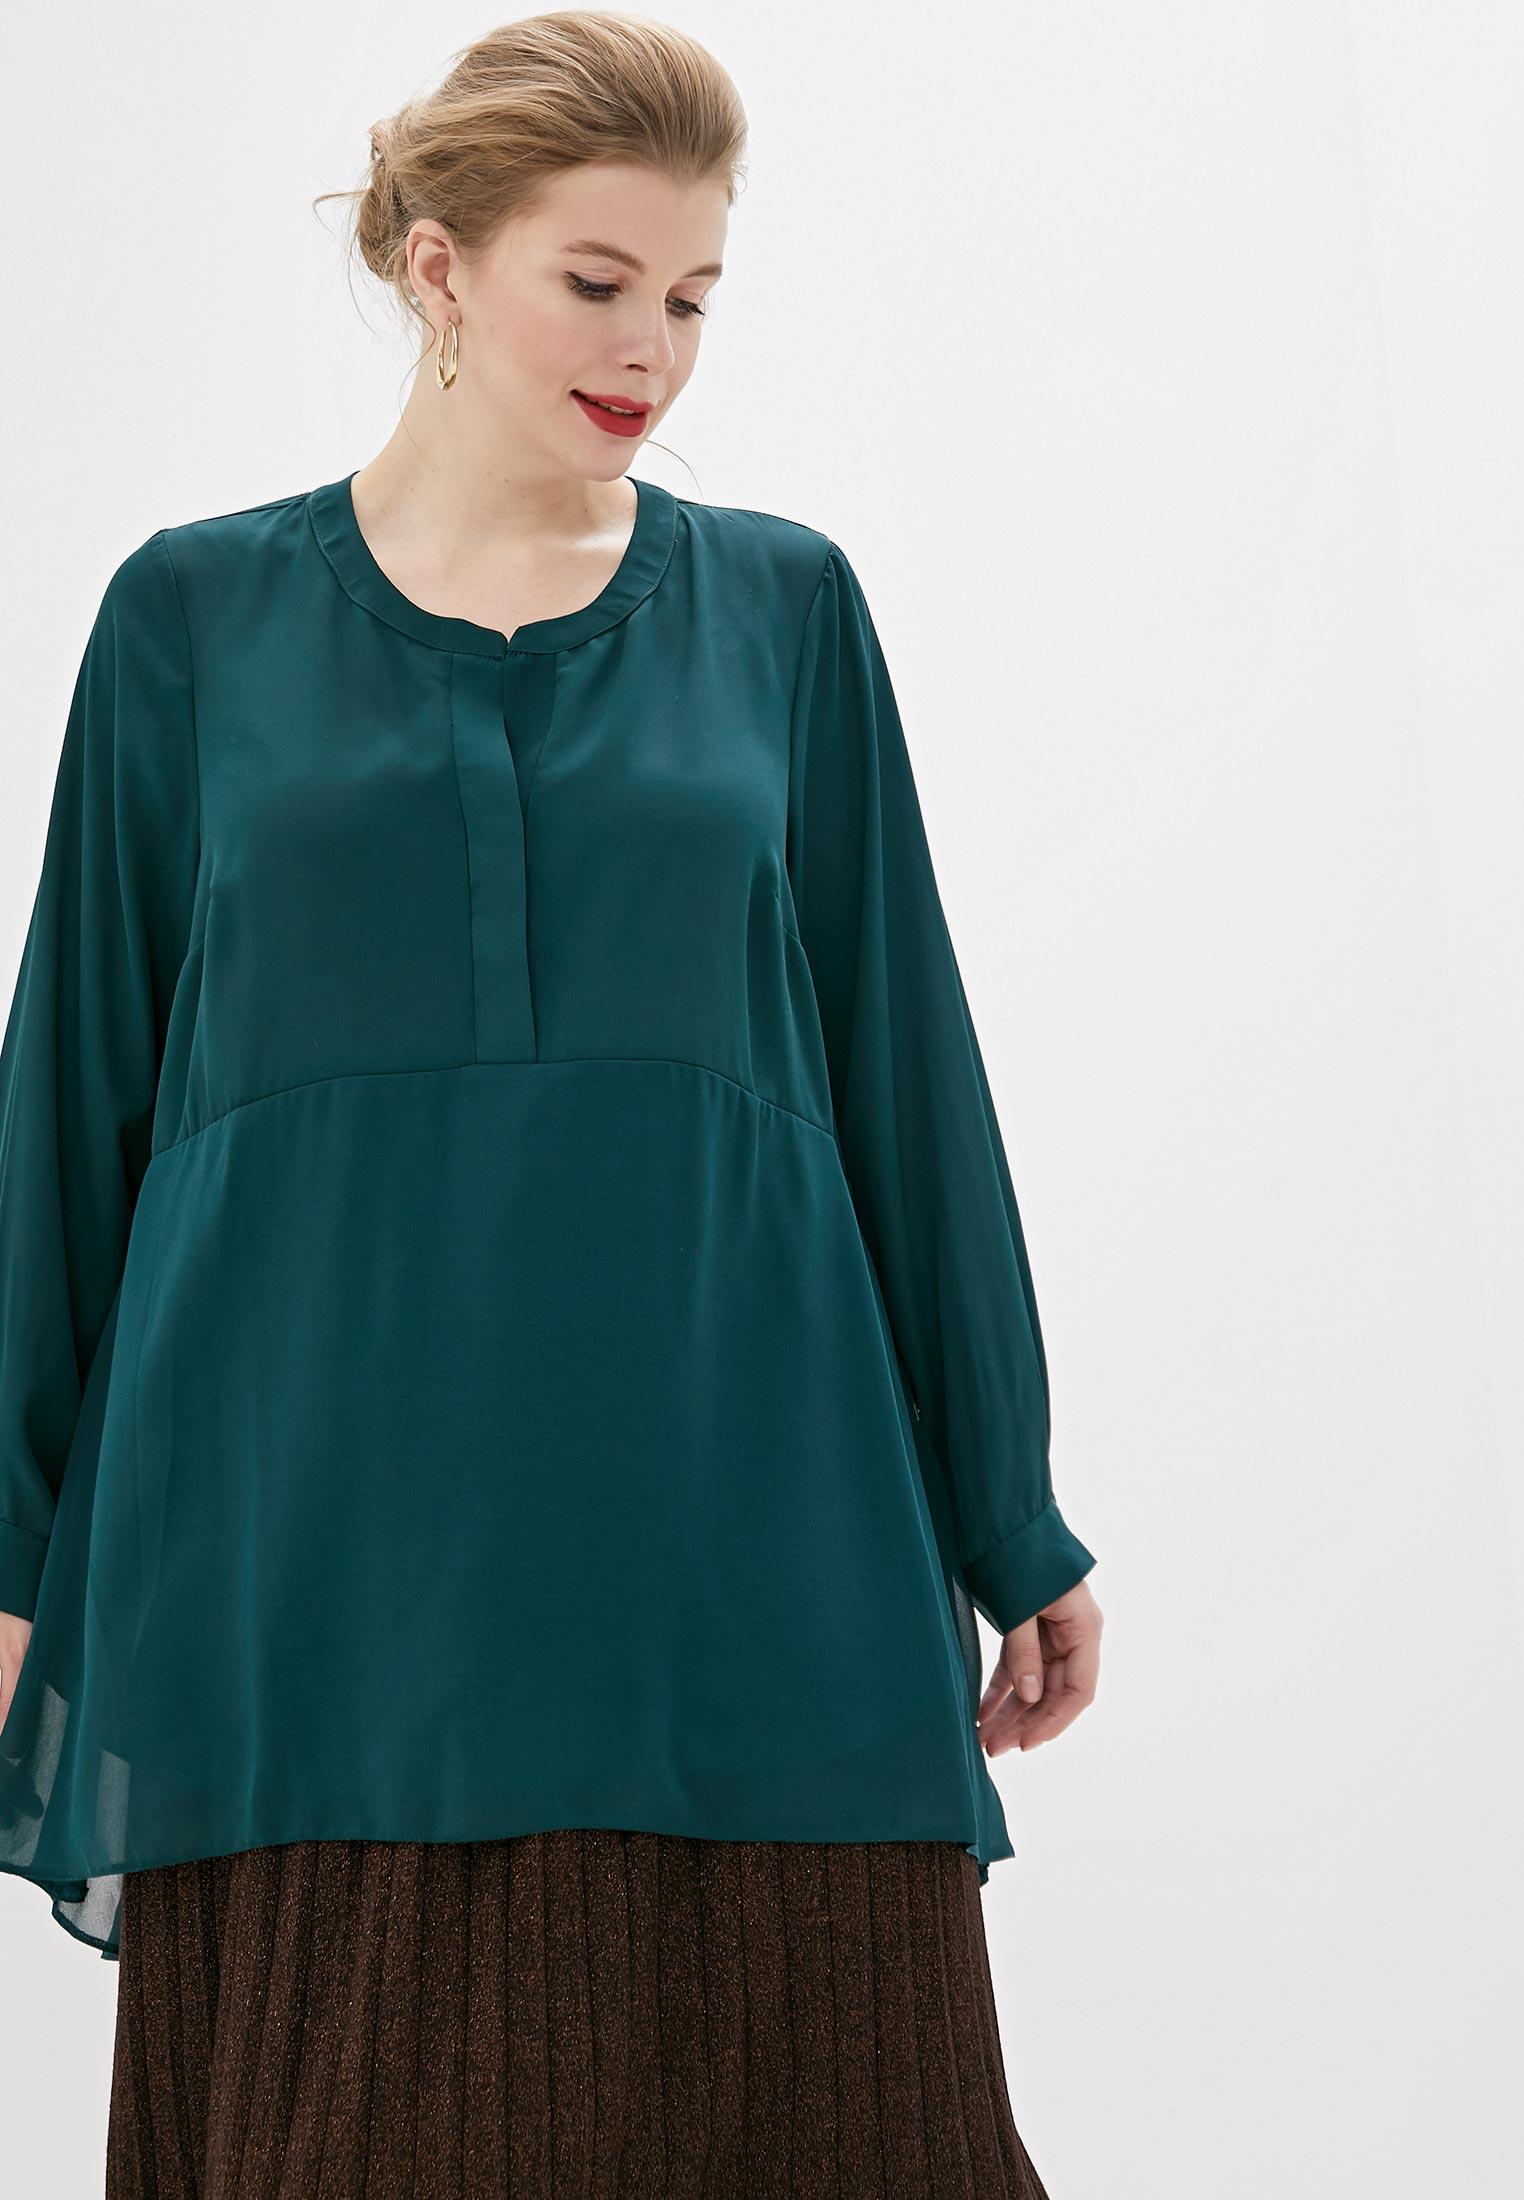 sélection incroyable style distinctif une robe marie laporte